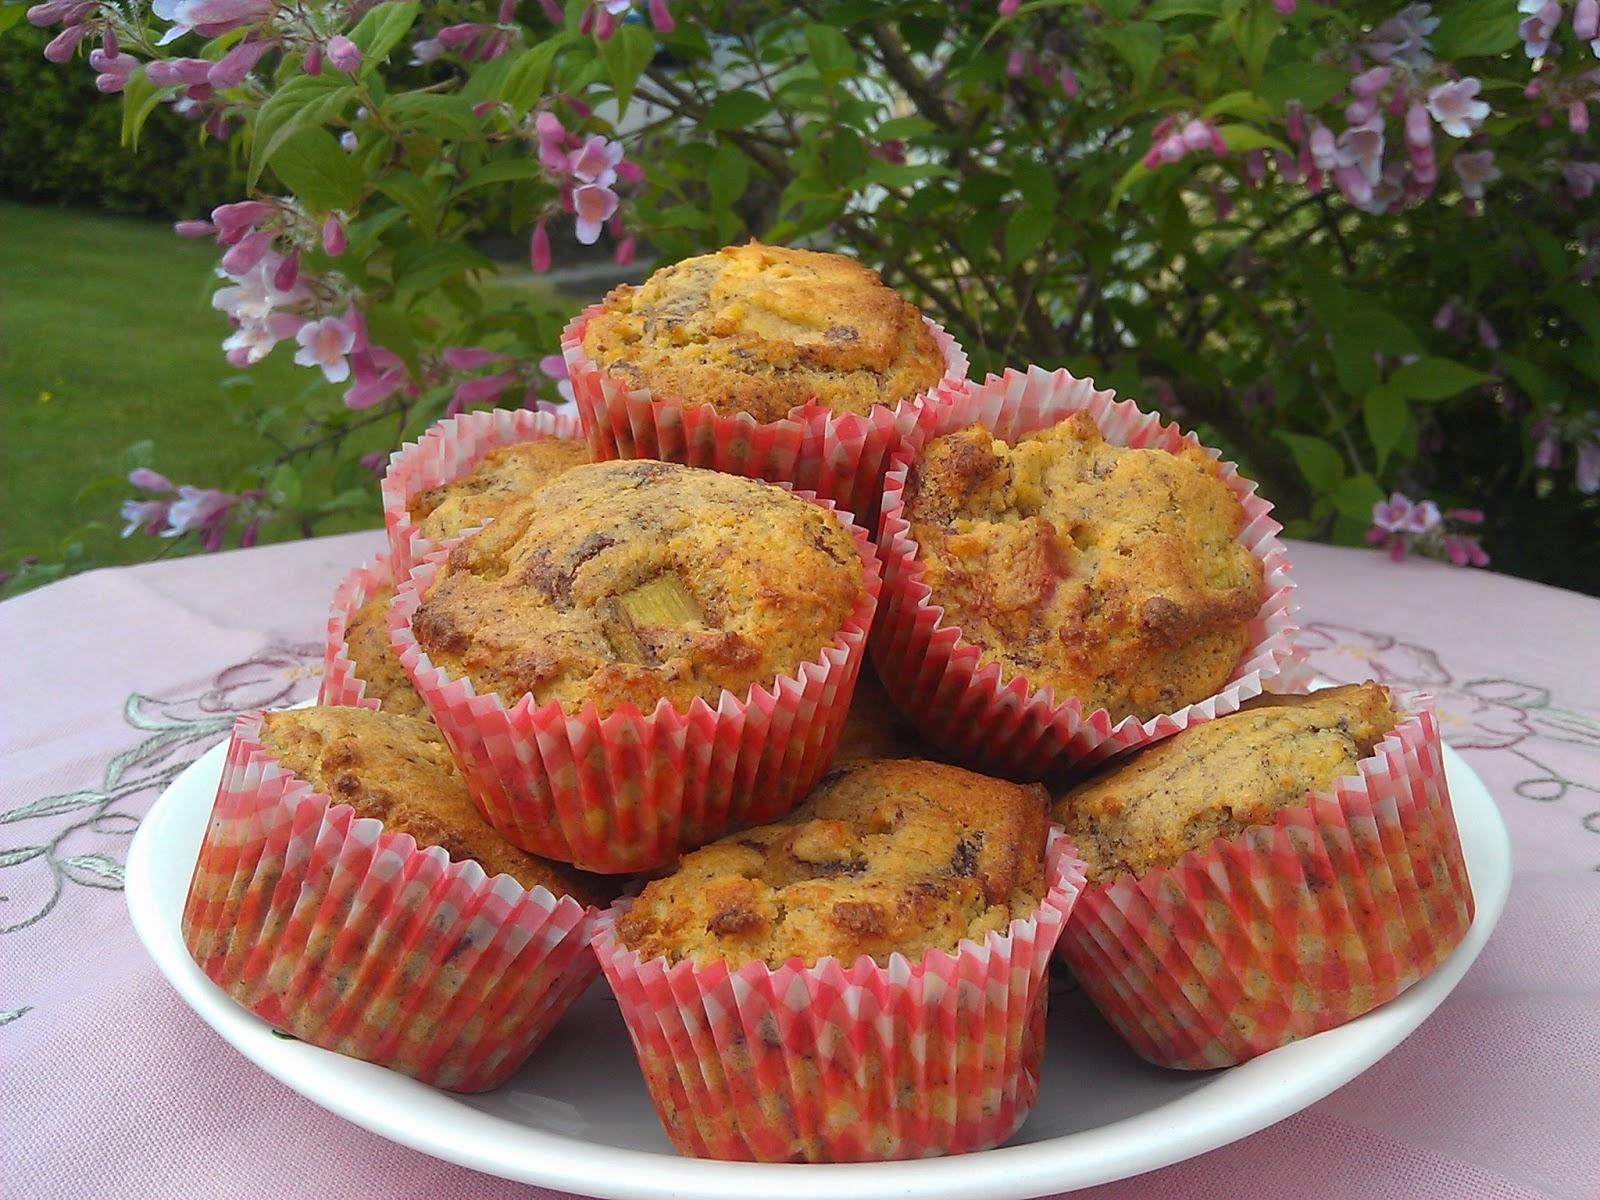 Kuidas poletada muffini top rasva kiiresti